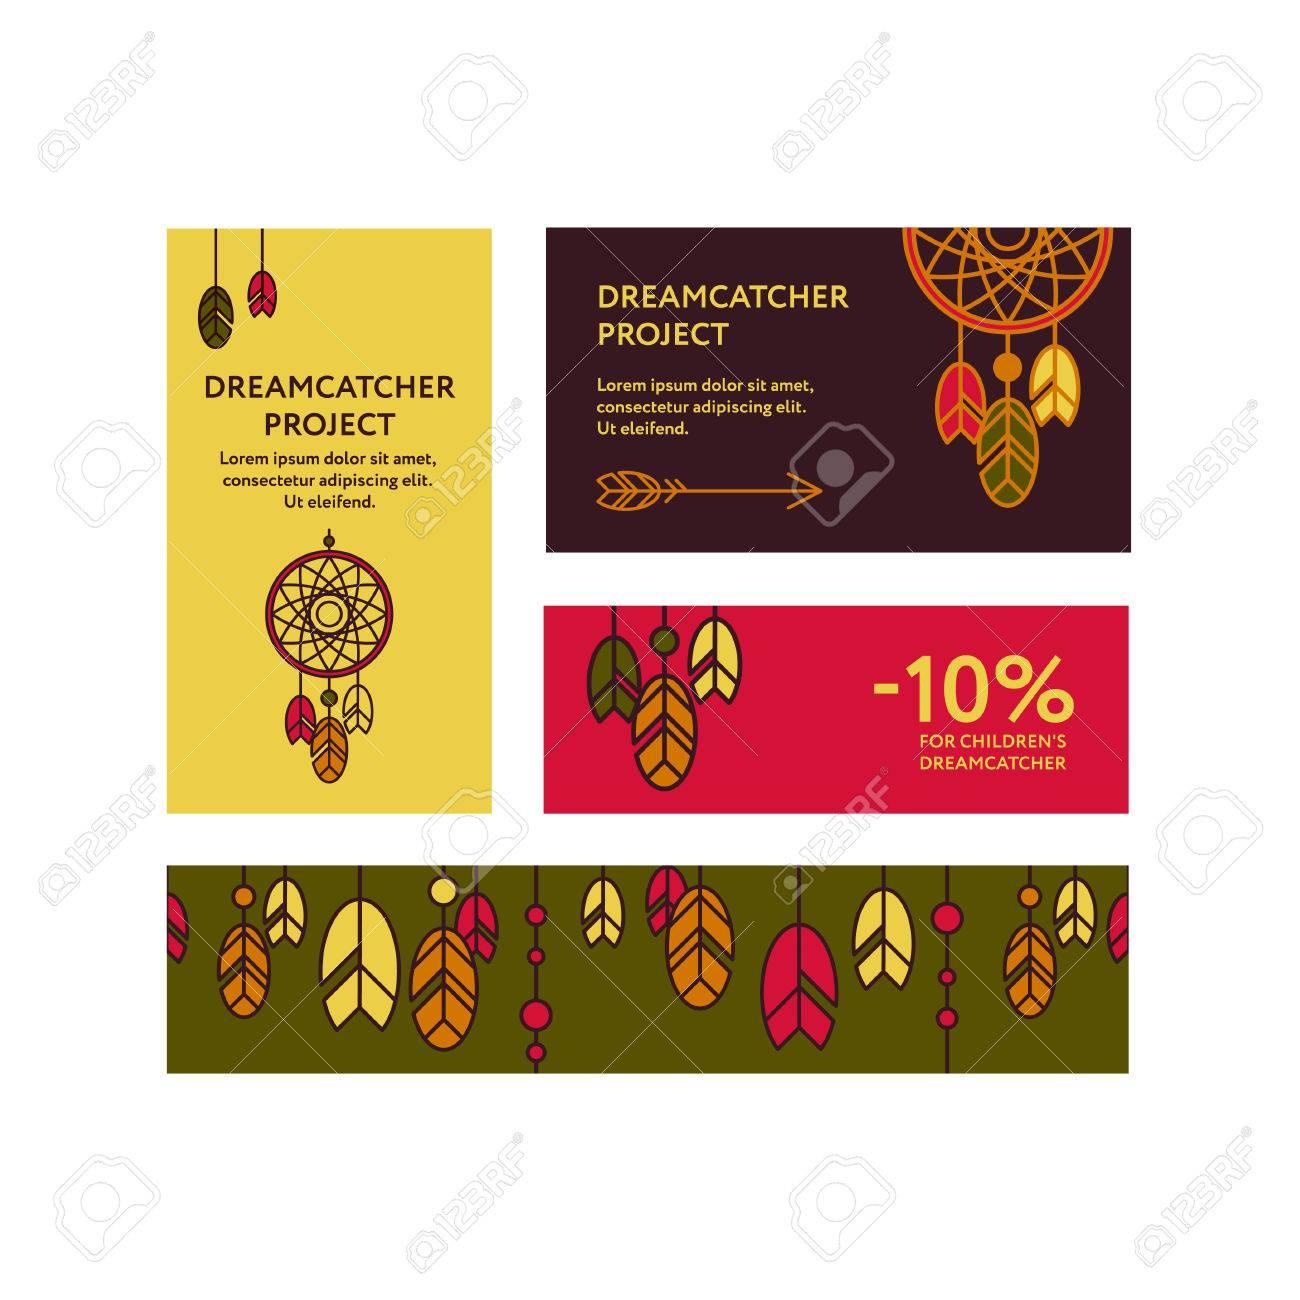 Cartes De Visite Et Bannieres Promotionnelles Avec Une Photo